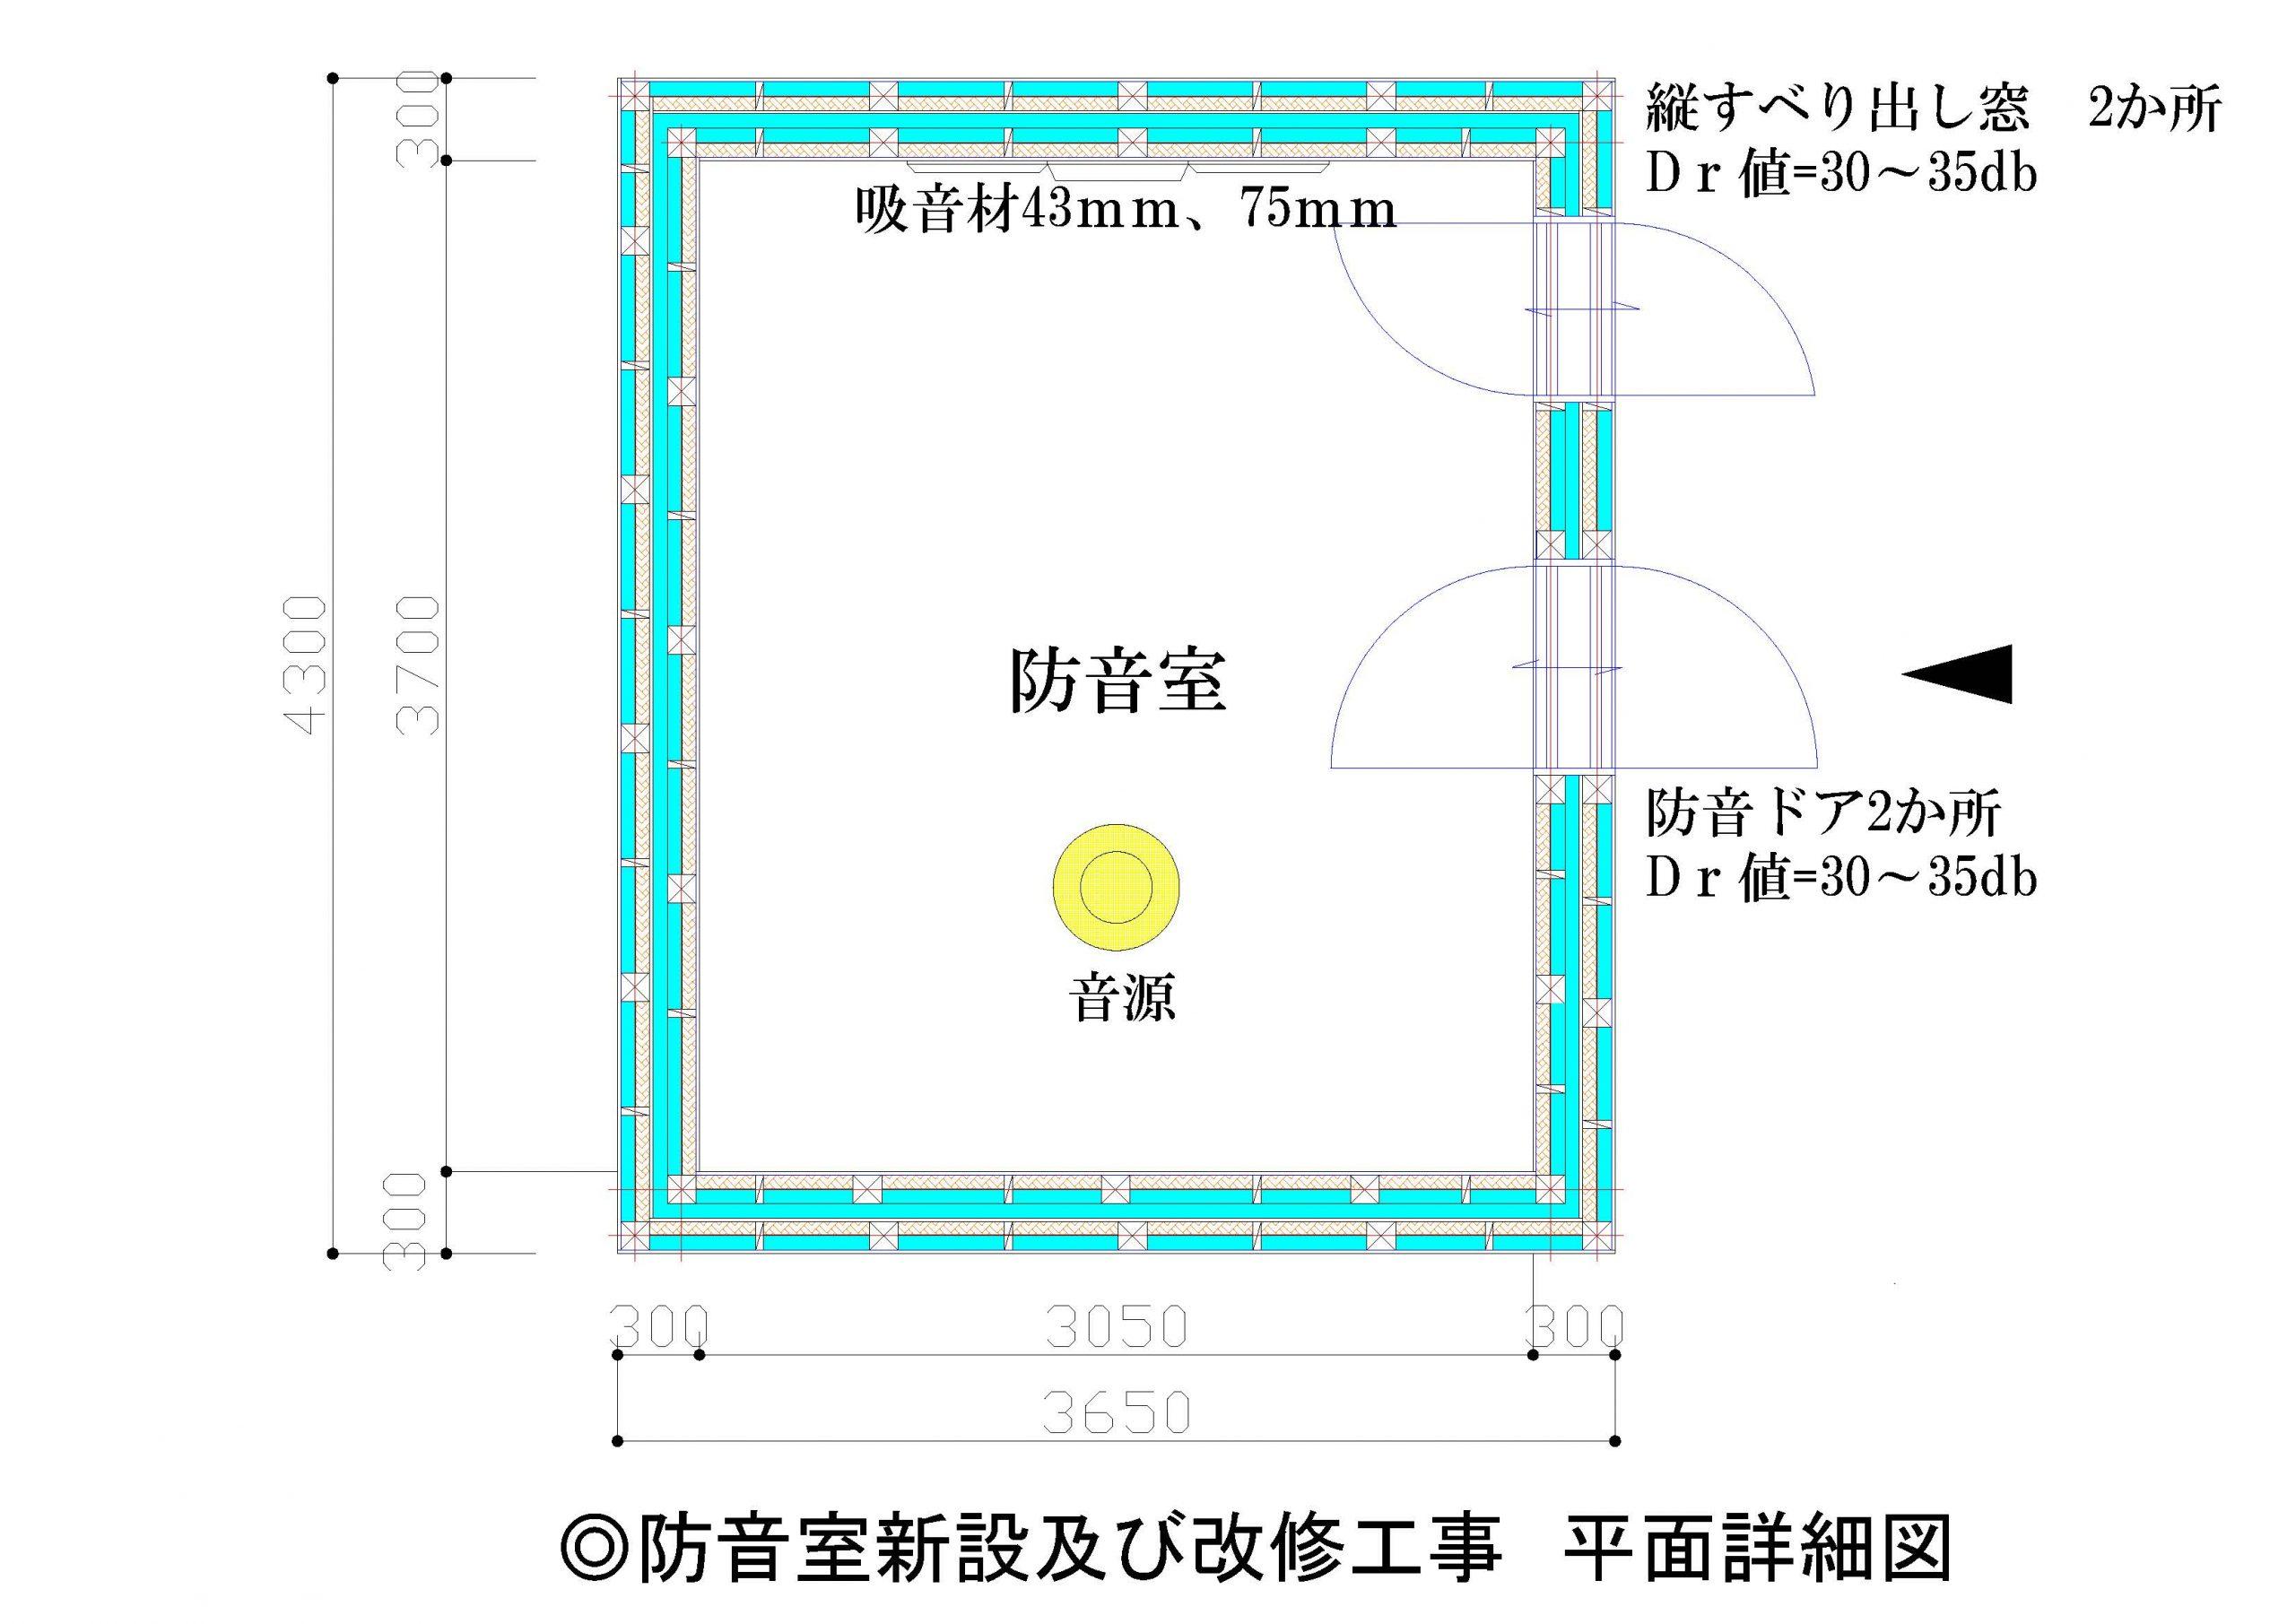 G◎防音室新設及び改修工事 平面詳細図